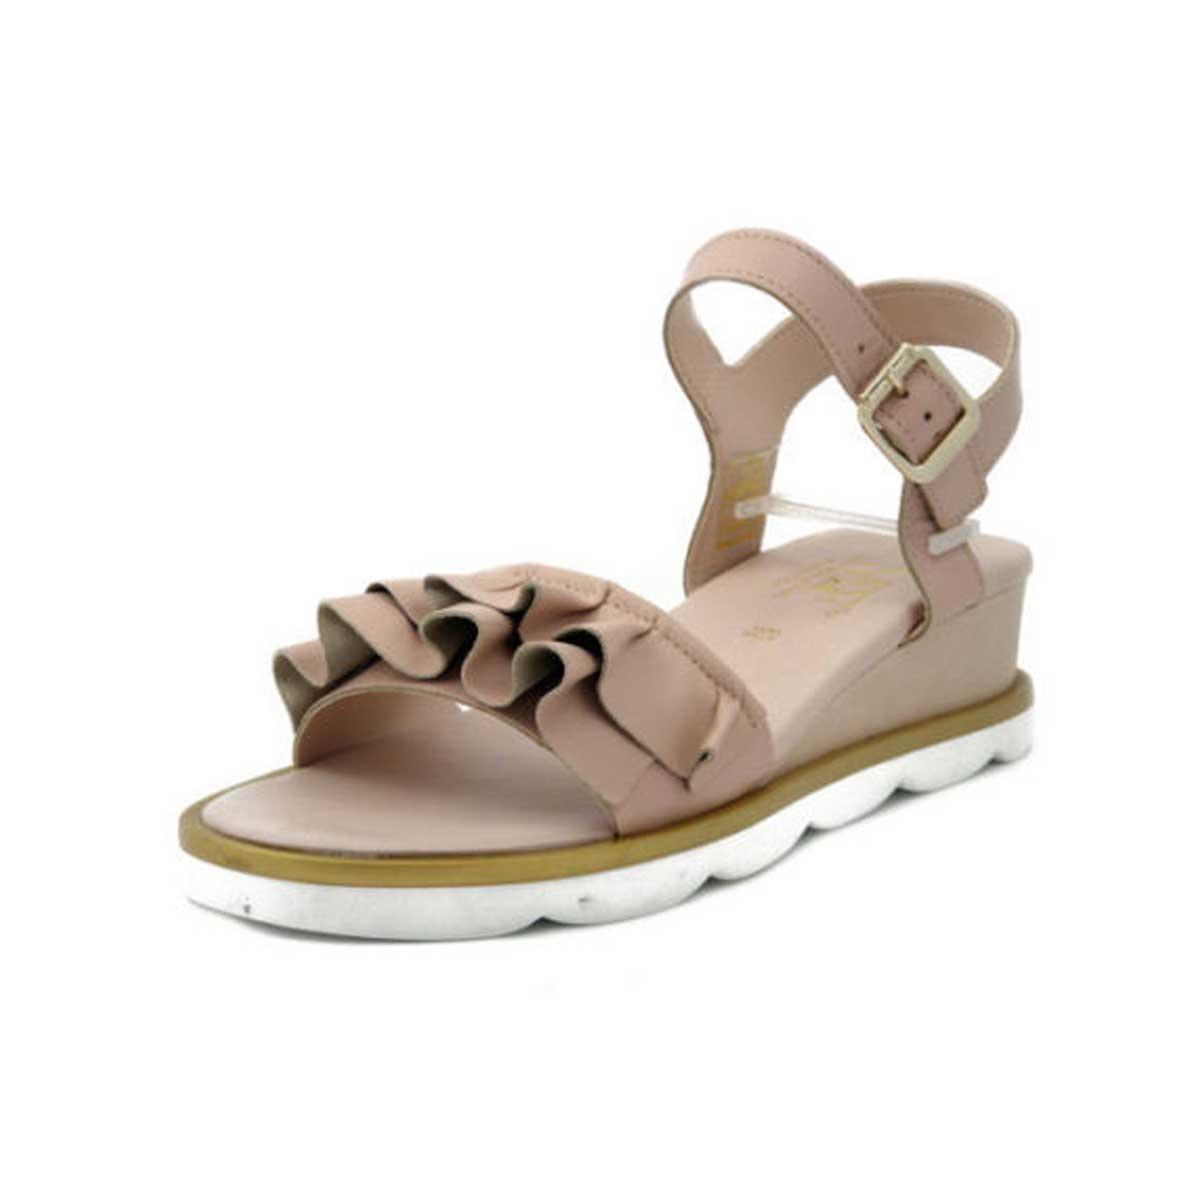 Sandalo Donna Mercante di Fiori Cipria • Jobcalzature - negozio ... 189f7abe5f2